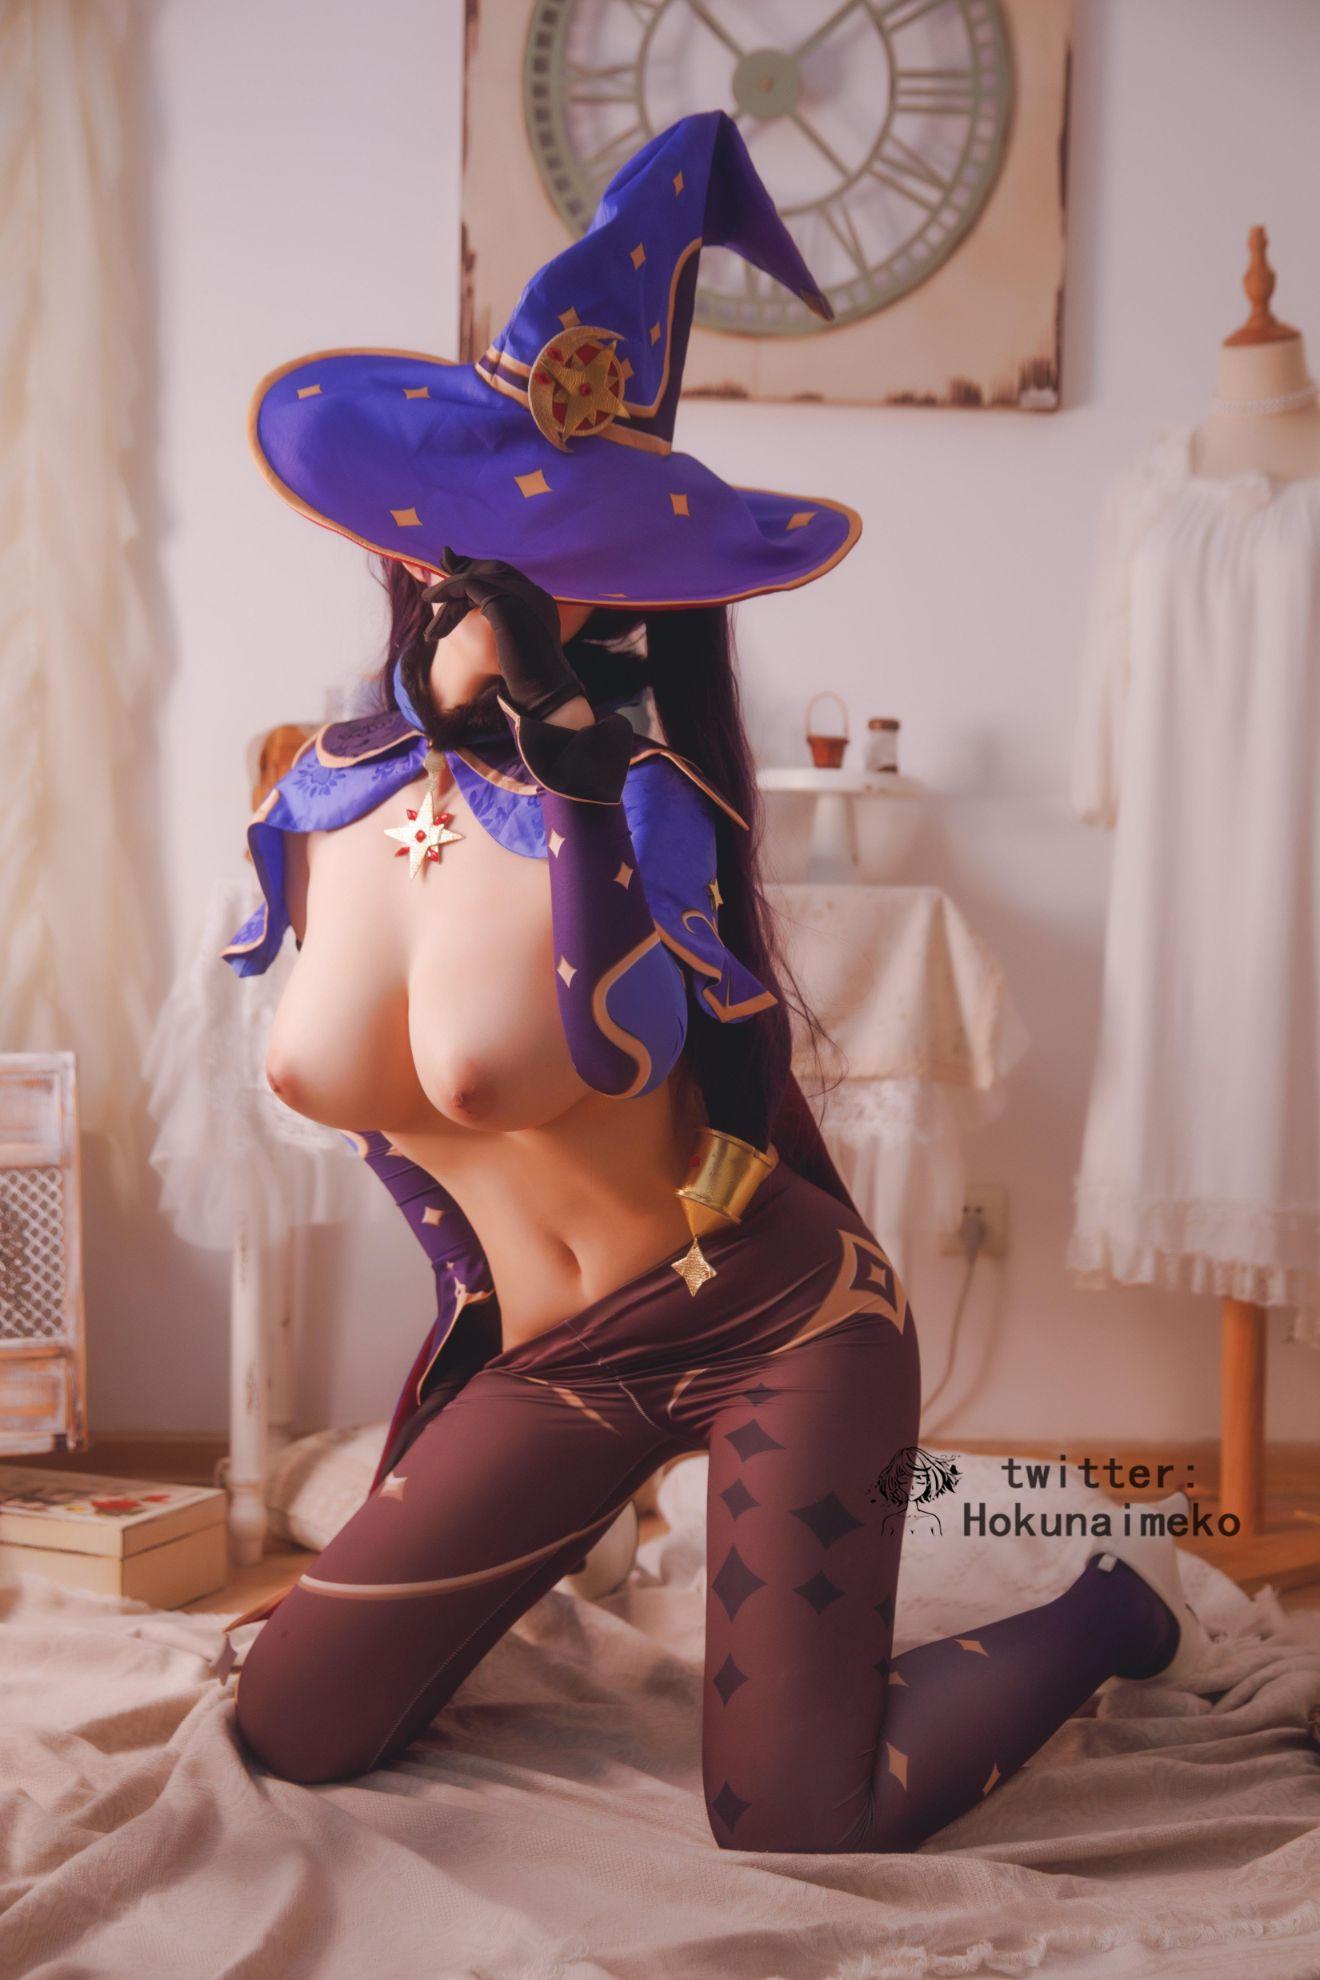 GenshinImpact Mona EroCosplay by Hokunaimeko 17